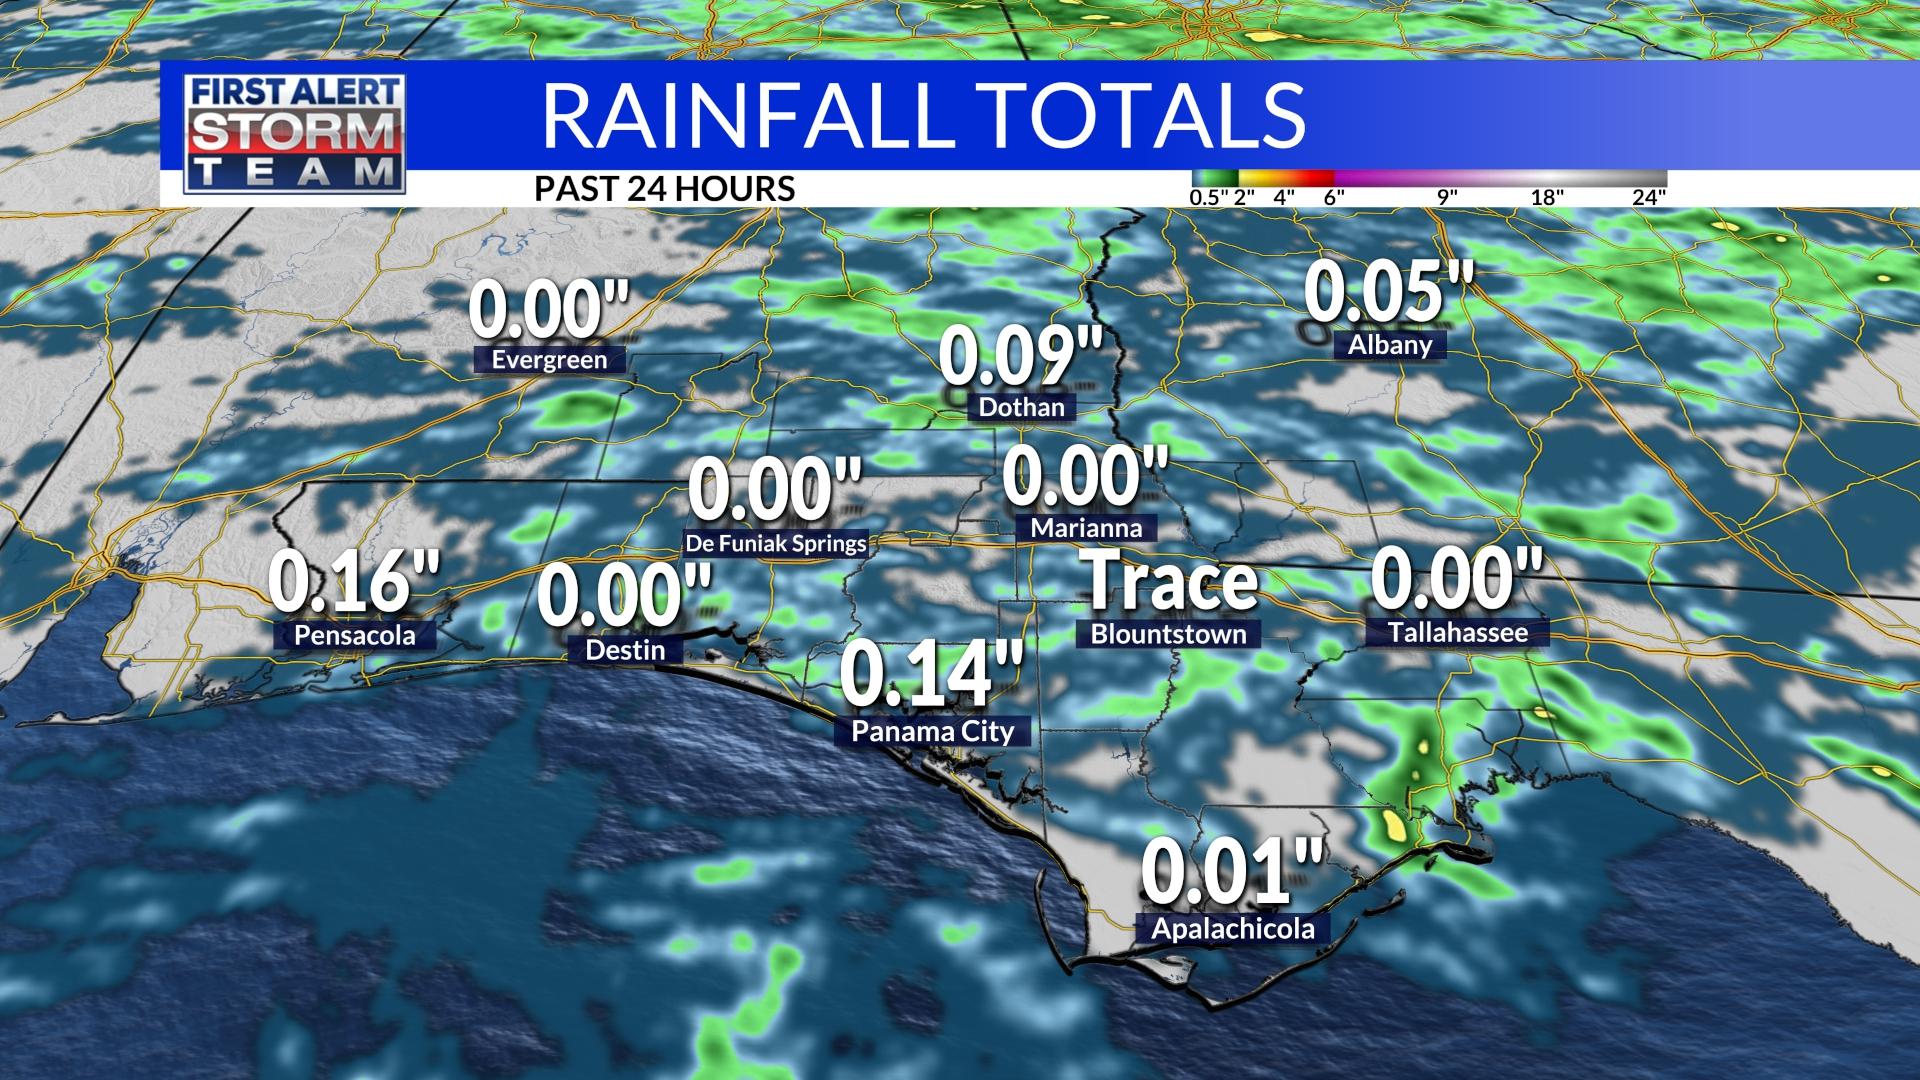 Rainfall Totals